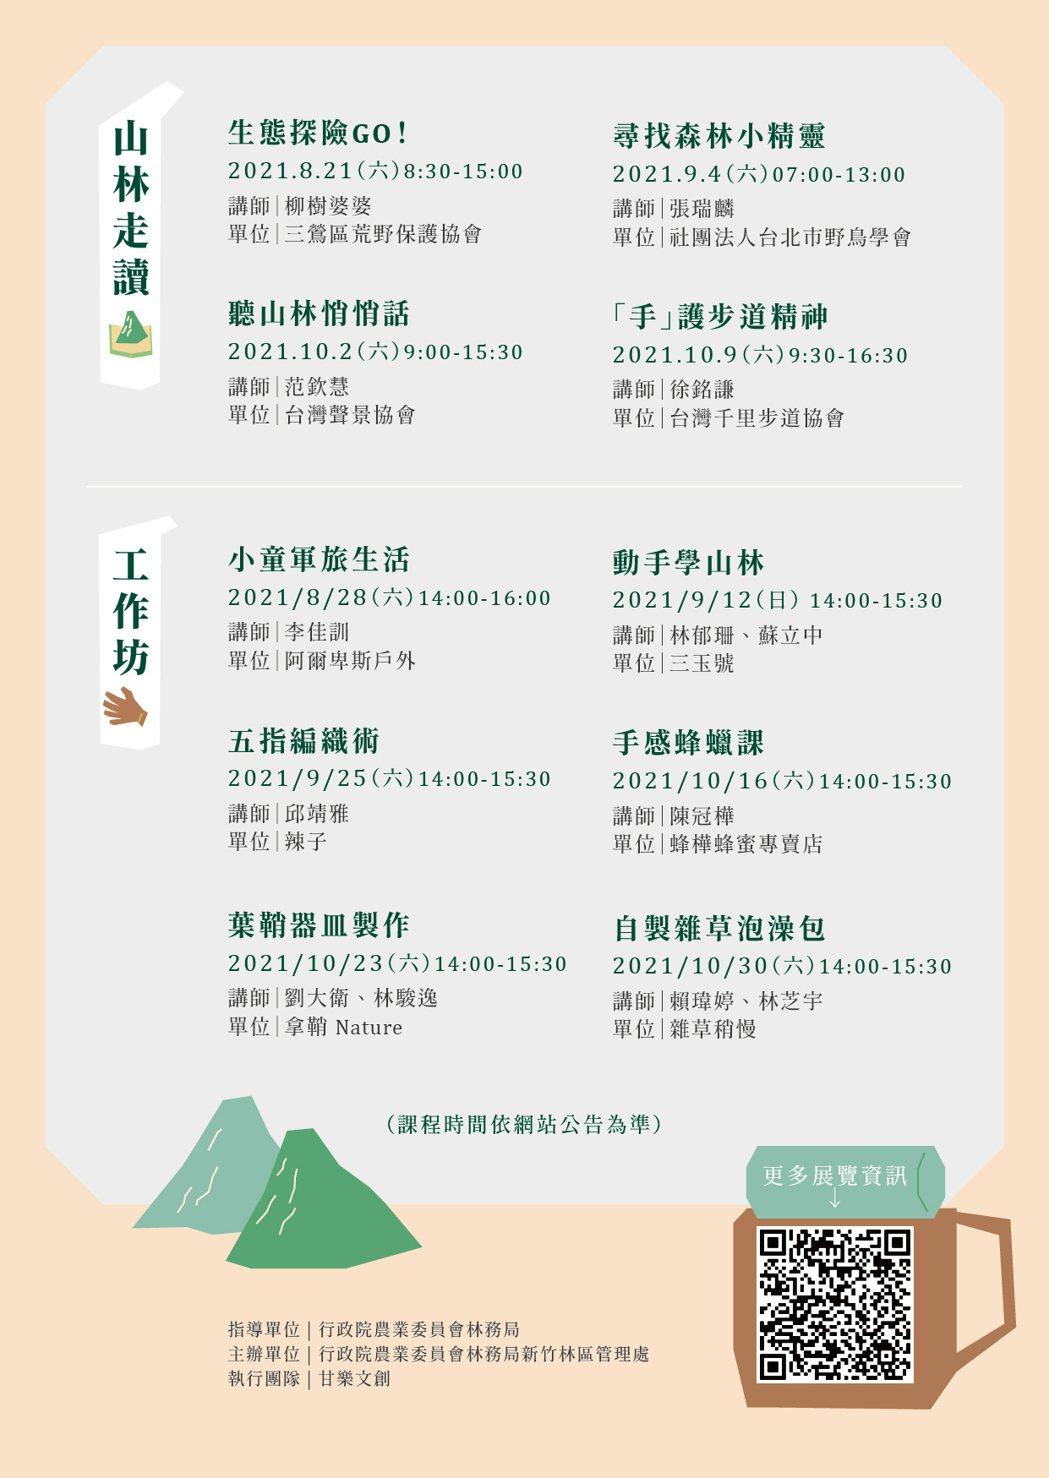 「悠生學」相關活動列表。圖/甘樂文創提供